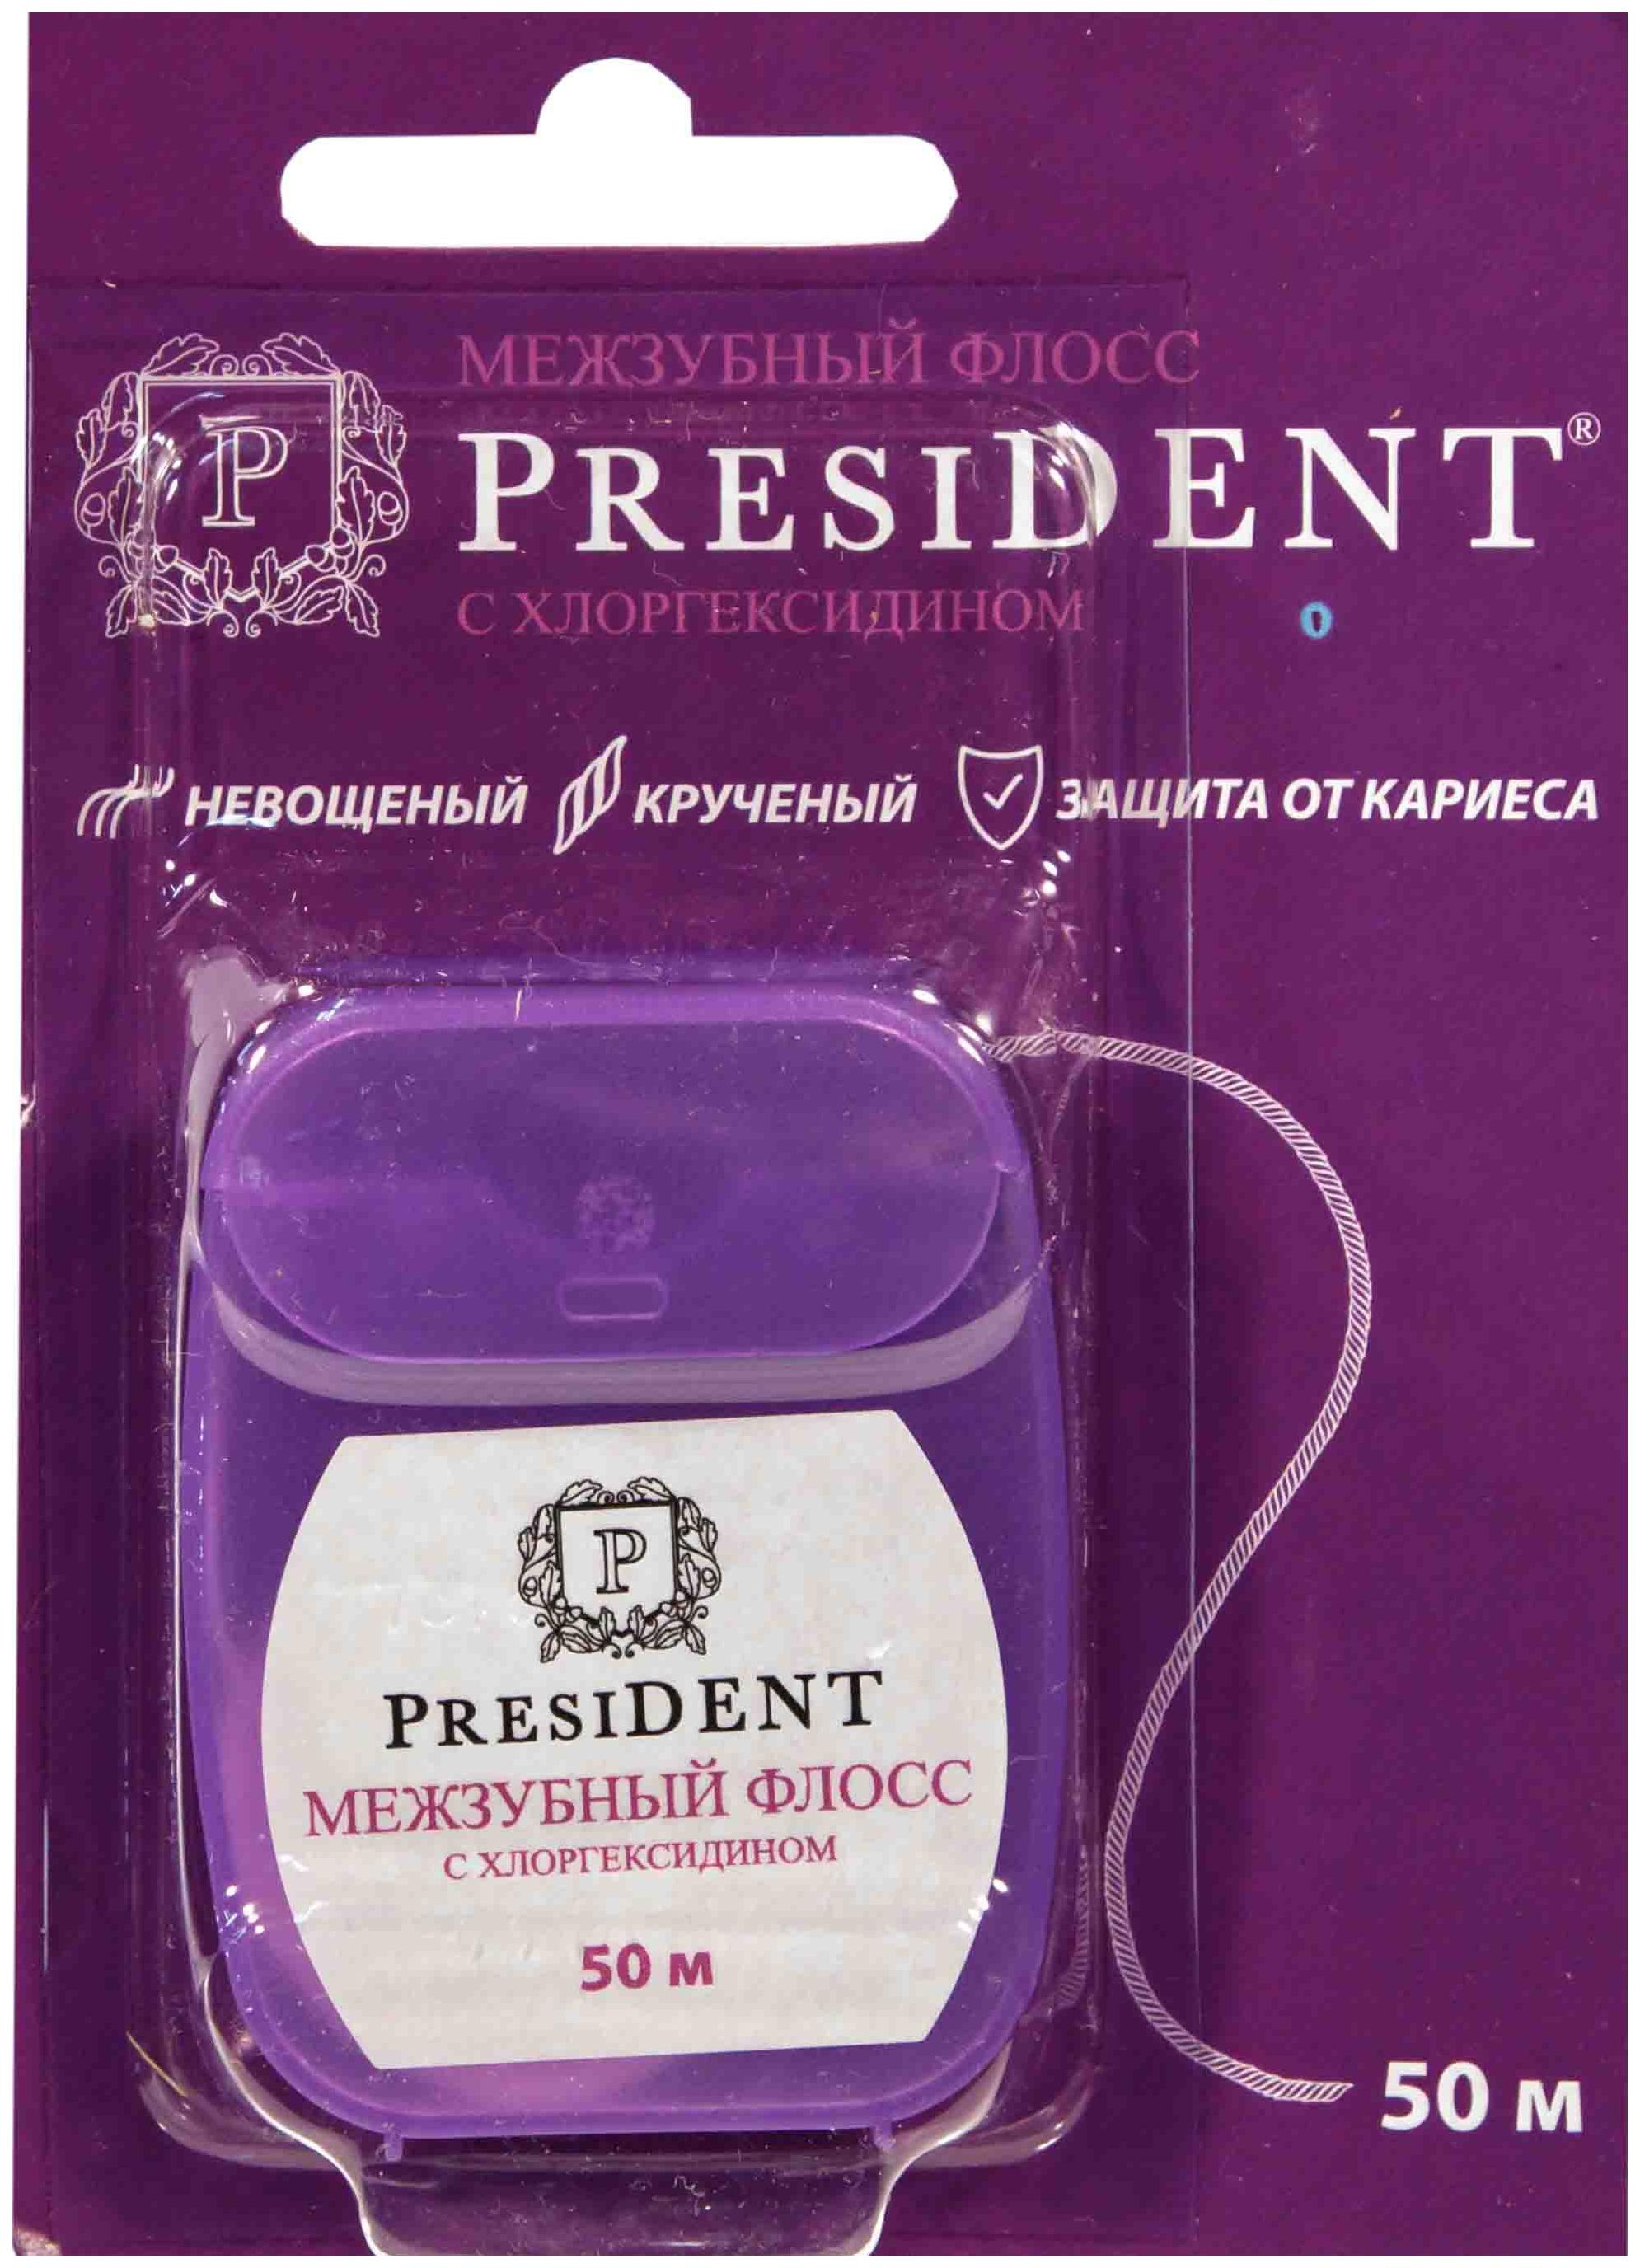 Зубная нить President Антибактериальная с хлоргексидином 50 м фото